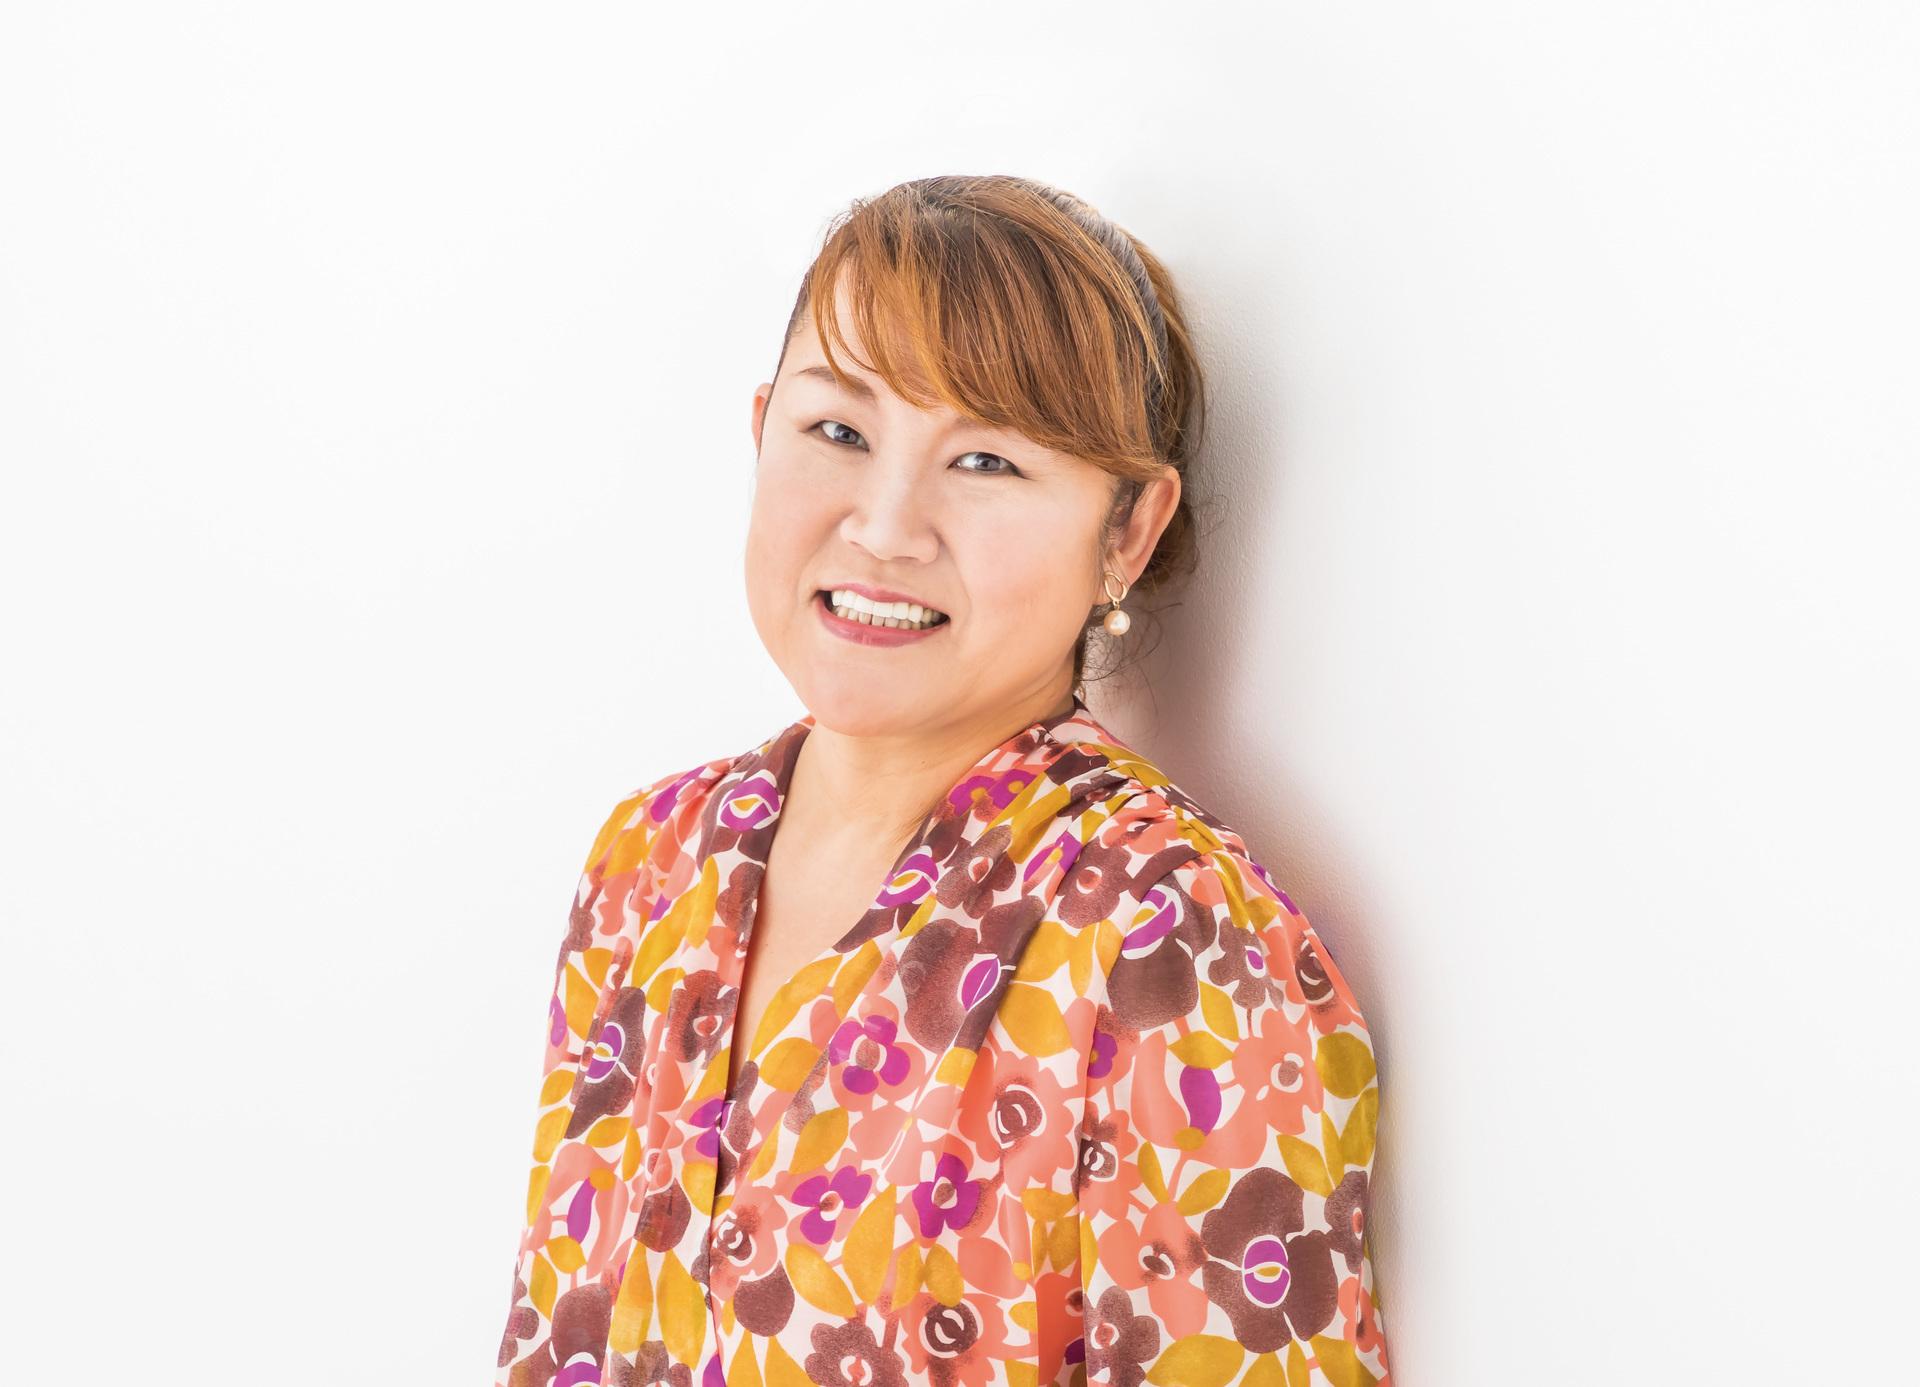 kunikoyamada_web.jpg